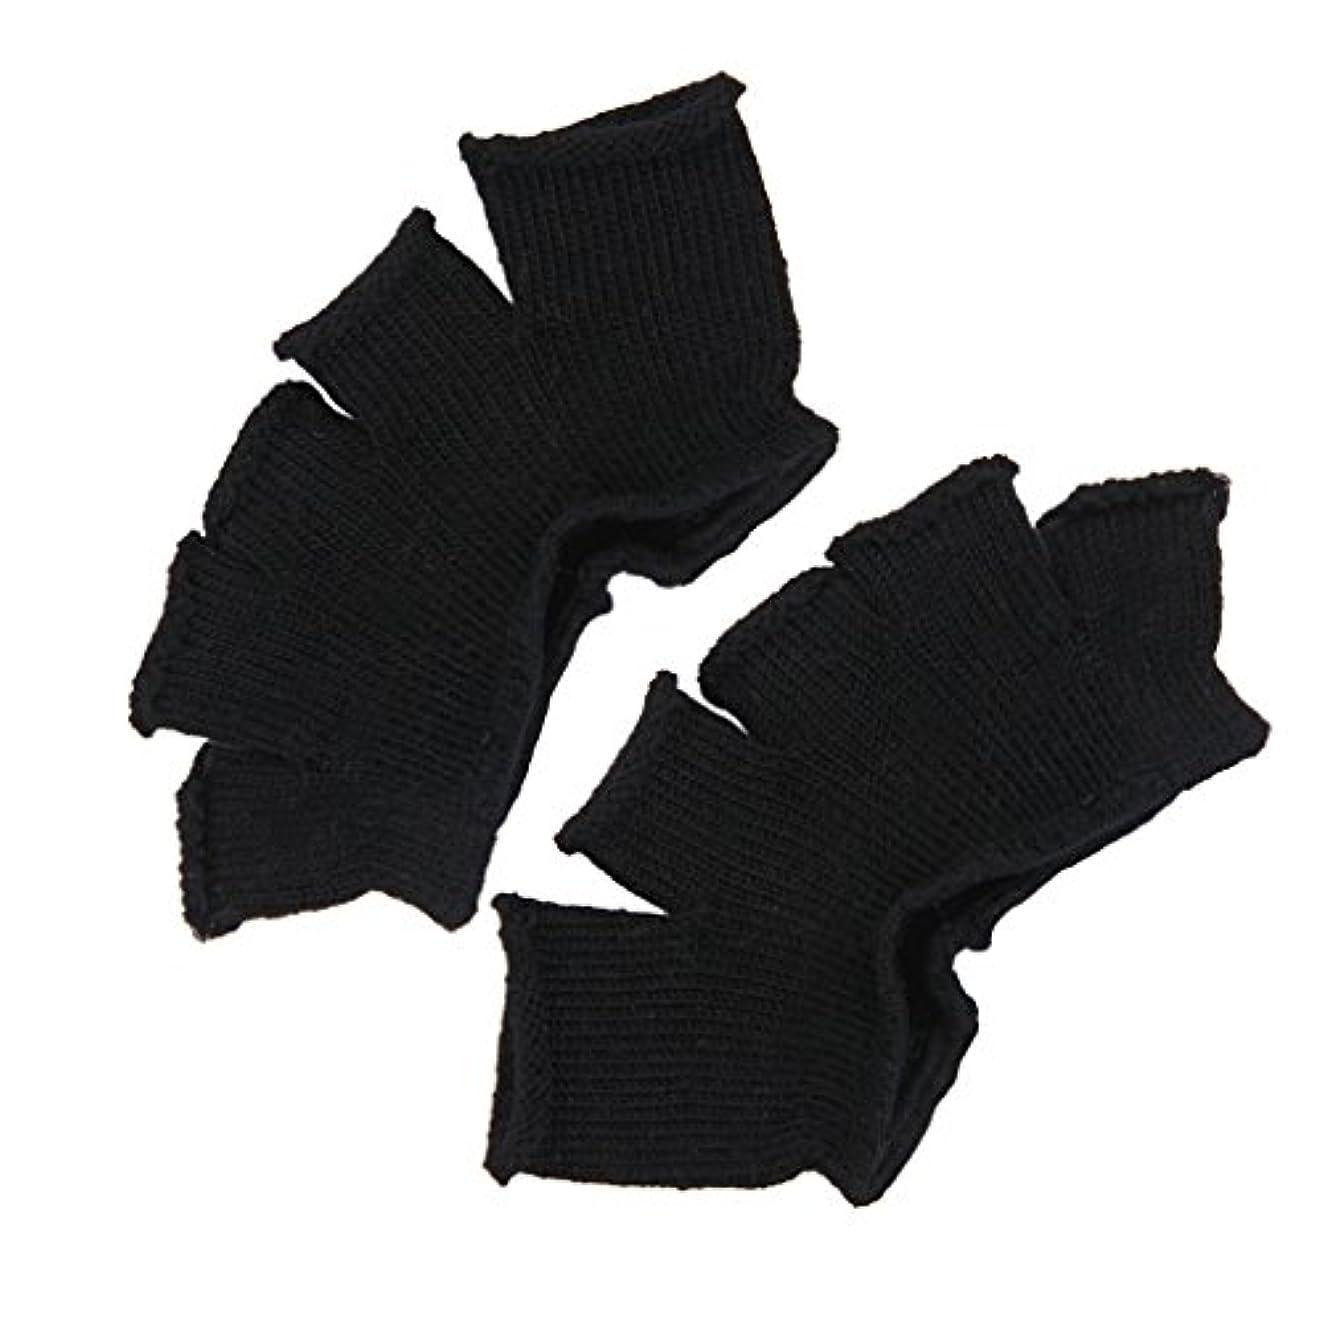 素晴らしいです突撃机Footful 5本指カバー 爽快指の間カバー 2枚組 男女兼用 足の臭い対策 抗菌 防臭 フットカバー (ブラック)